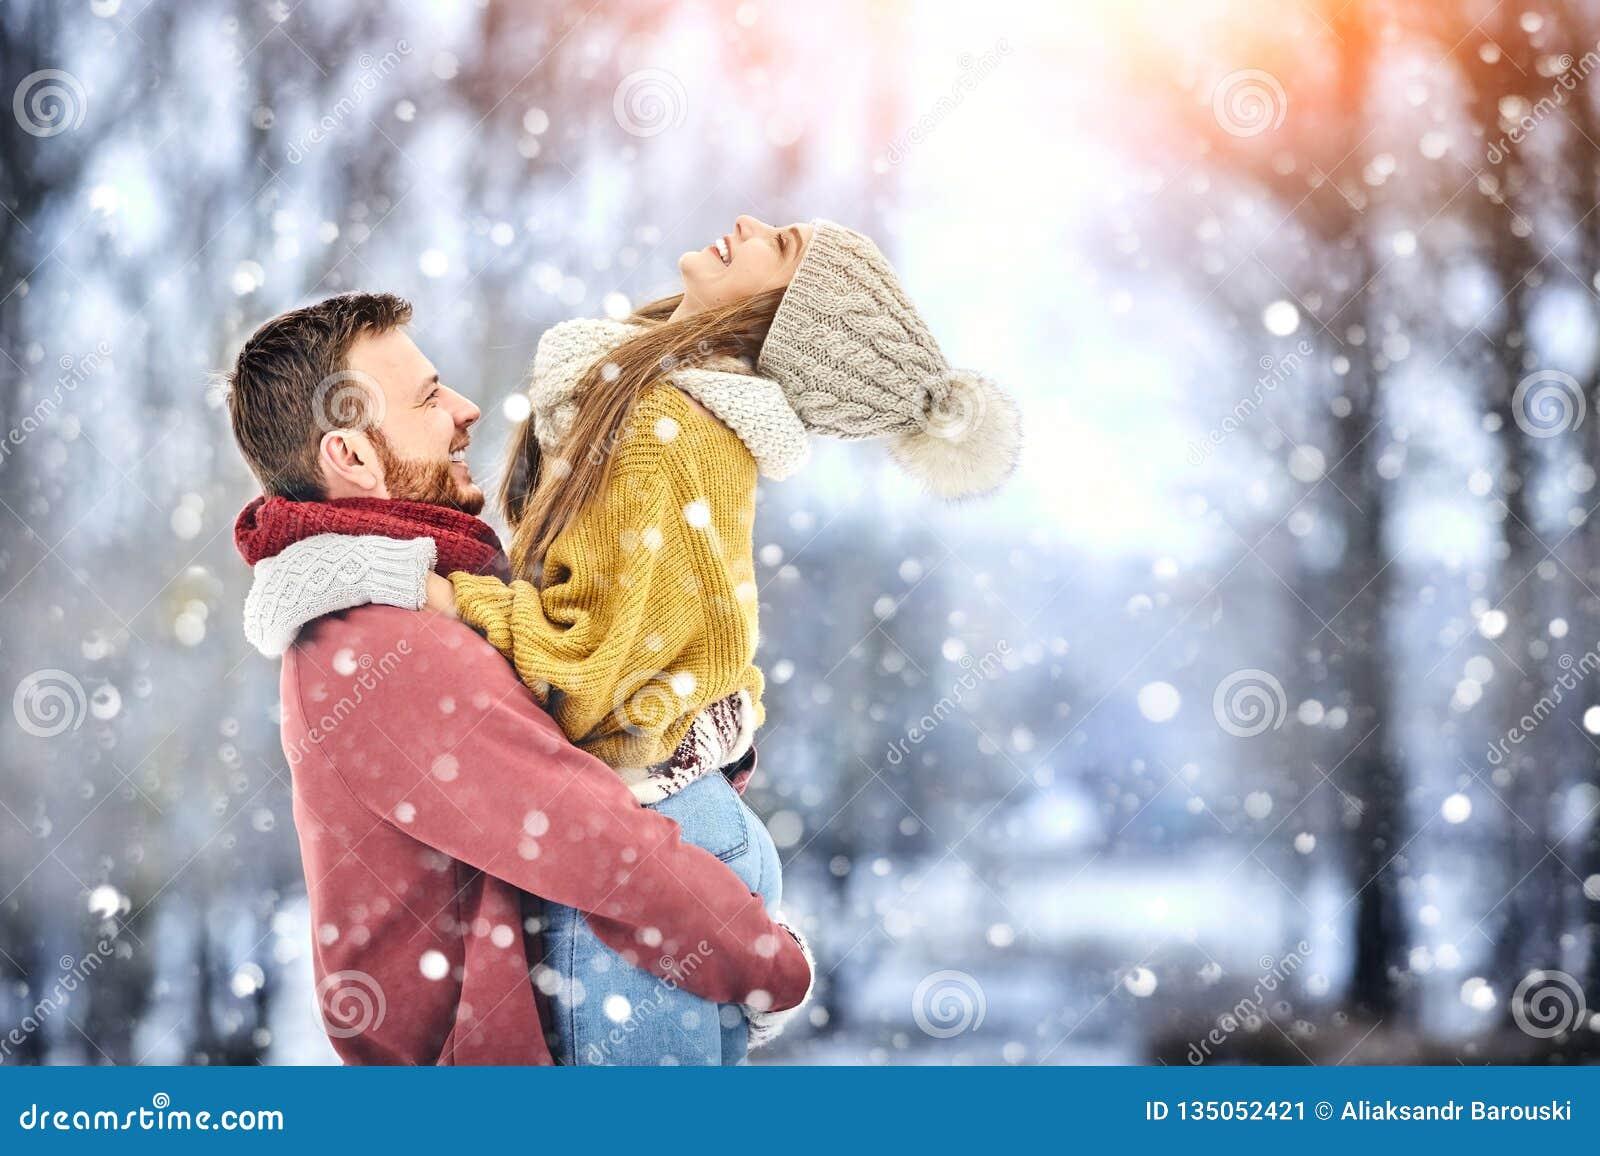 Det lyckliga barnet kopplar ihop i vinter parkerar att skratta och att ha gyckel familj utomhus